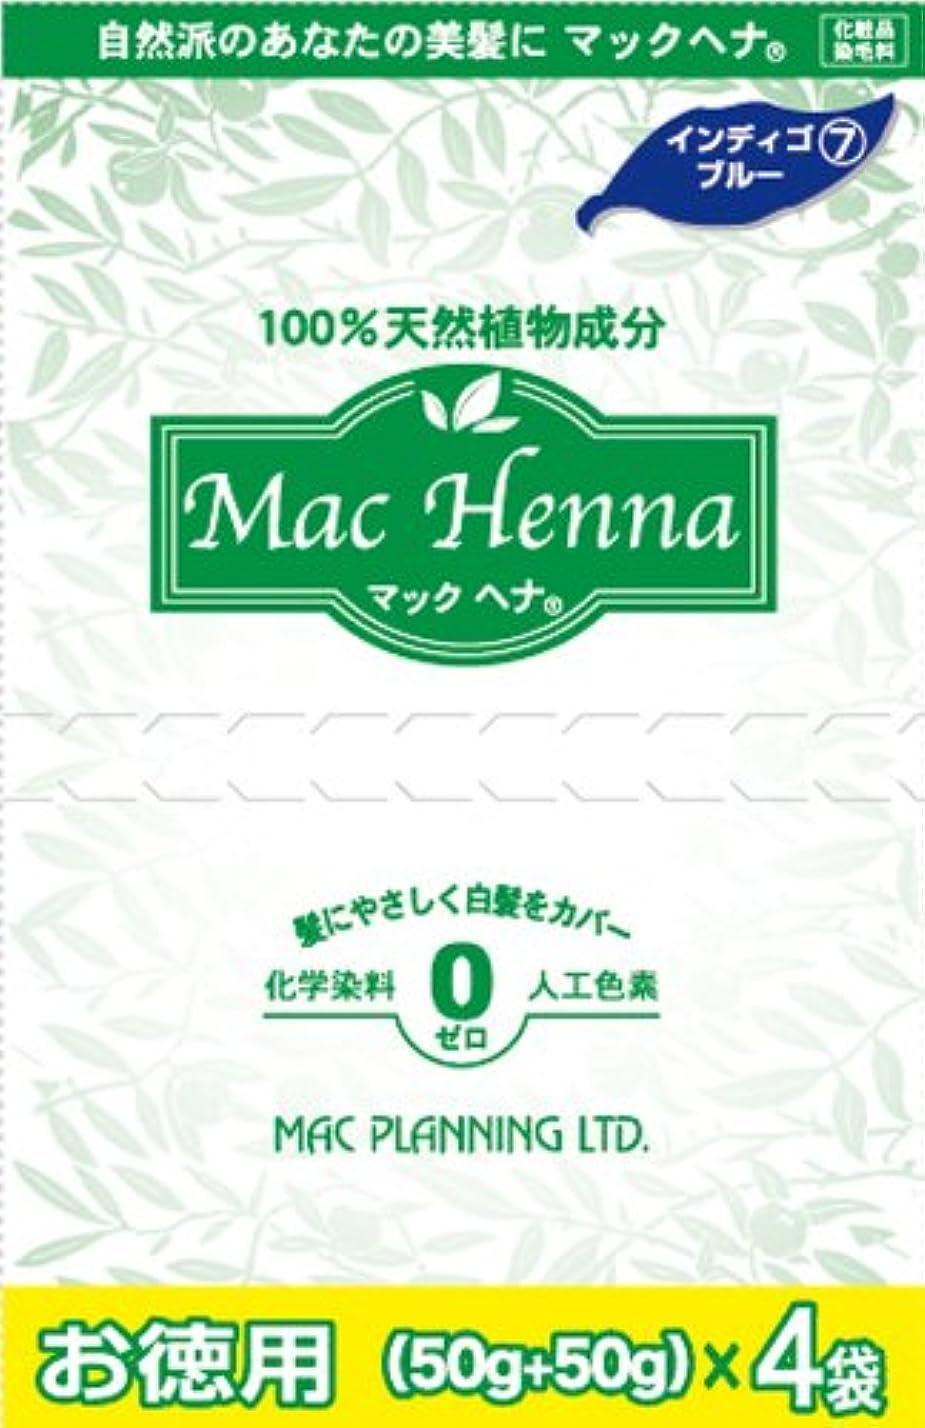 オッズ法律により経由で天然植物原料100% 無添加 マックヘナ お徳用(インディゴブルー)-7 400g(50g+50g)×4袋  2箱セット